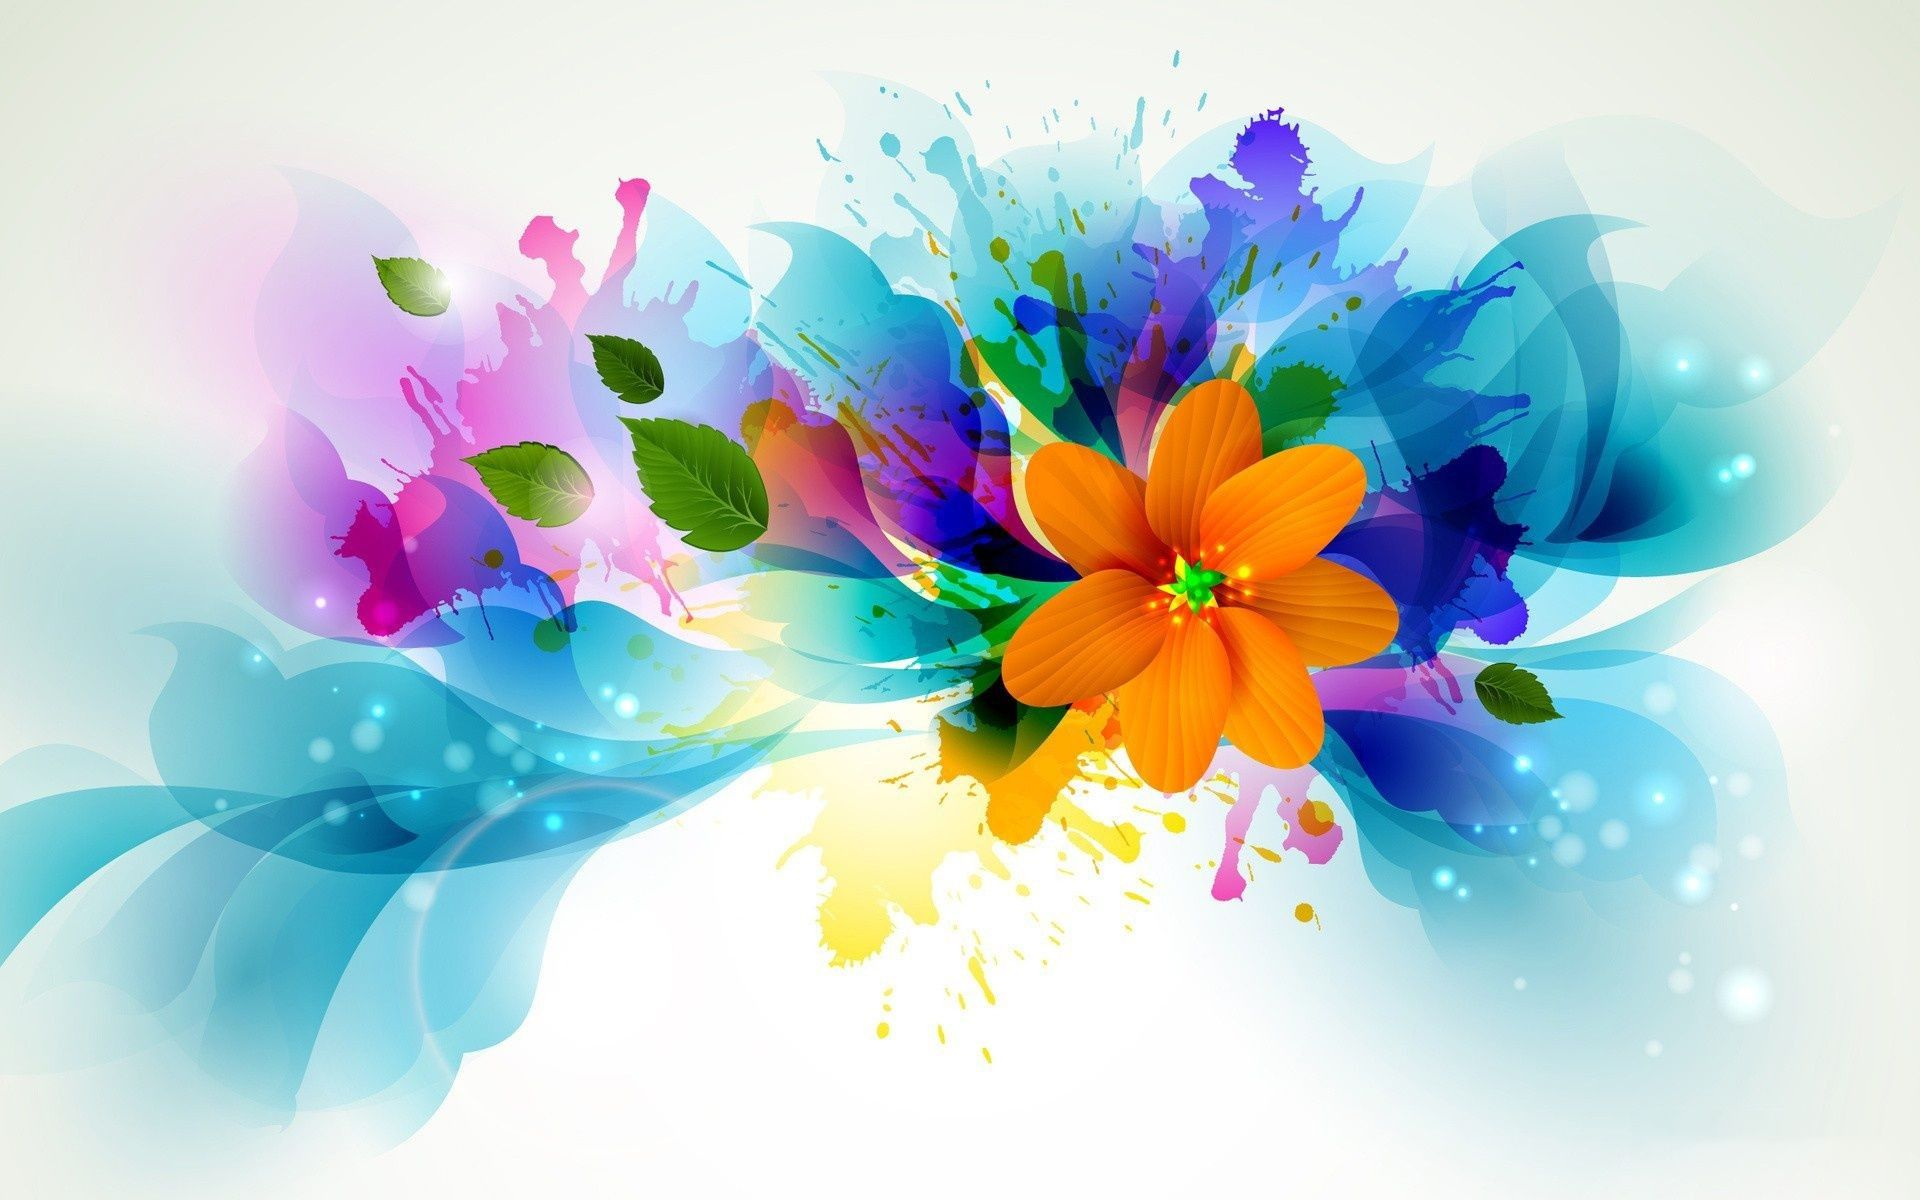 Flower Art Desktop Wallpapers - Top Free Flower Art Desktop Backgrounds -  WallpaperAccess